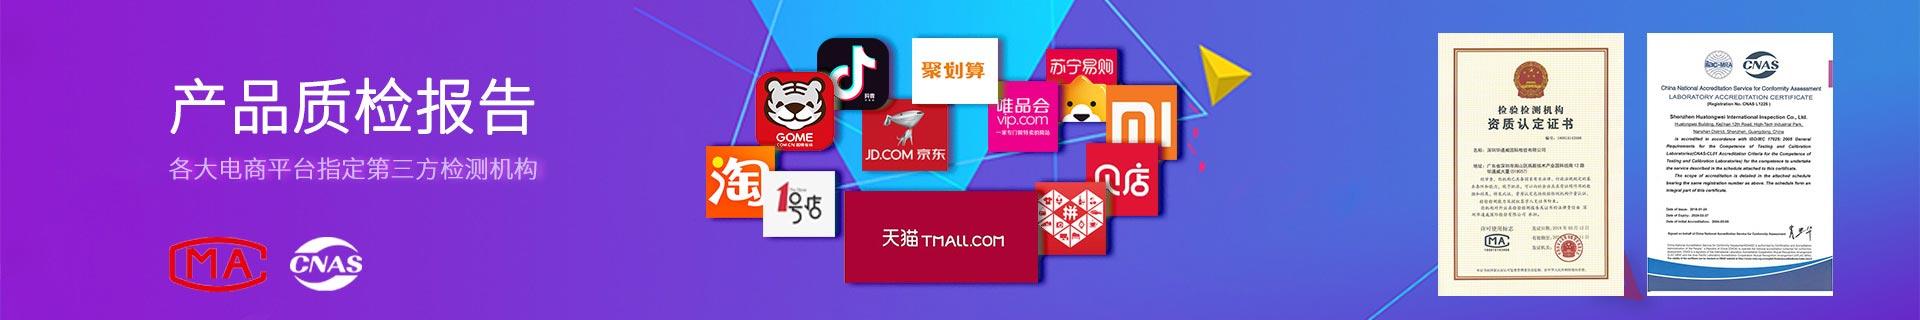 生活电器m6米乐app官网下载